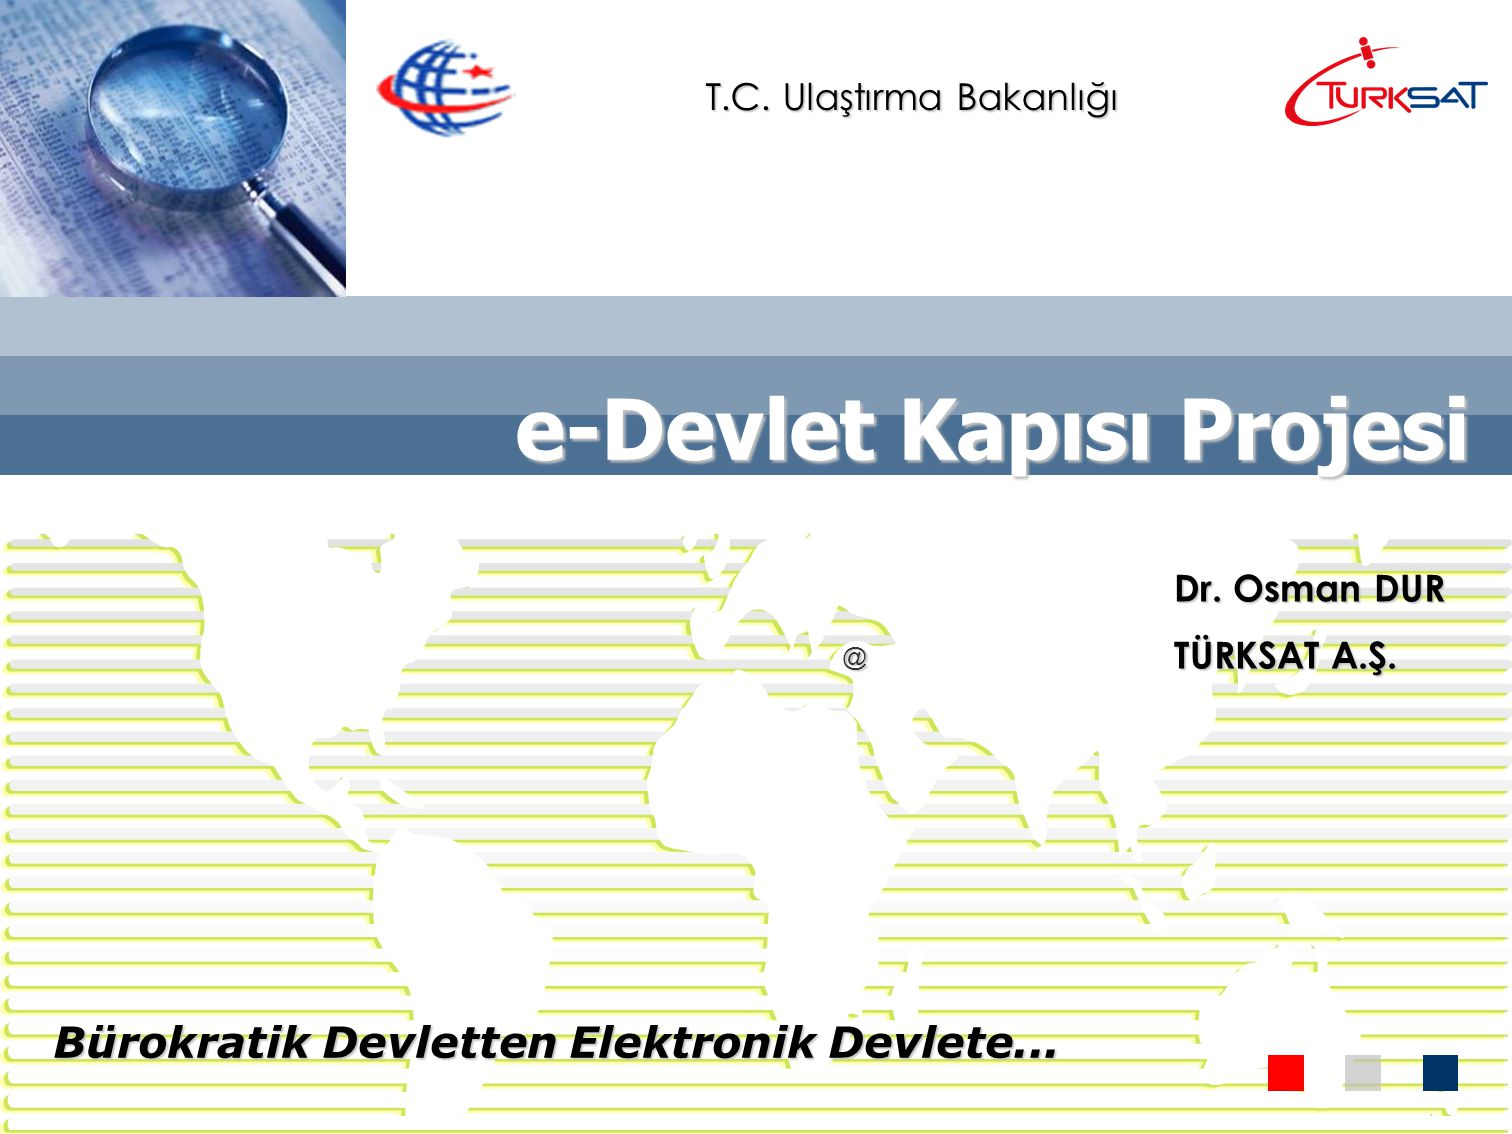 e-Devlet Kapısı Projesi